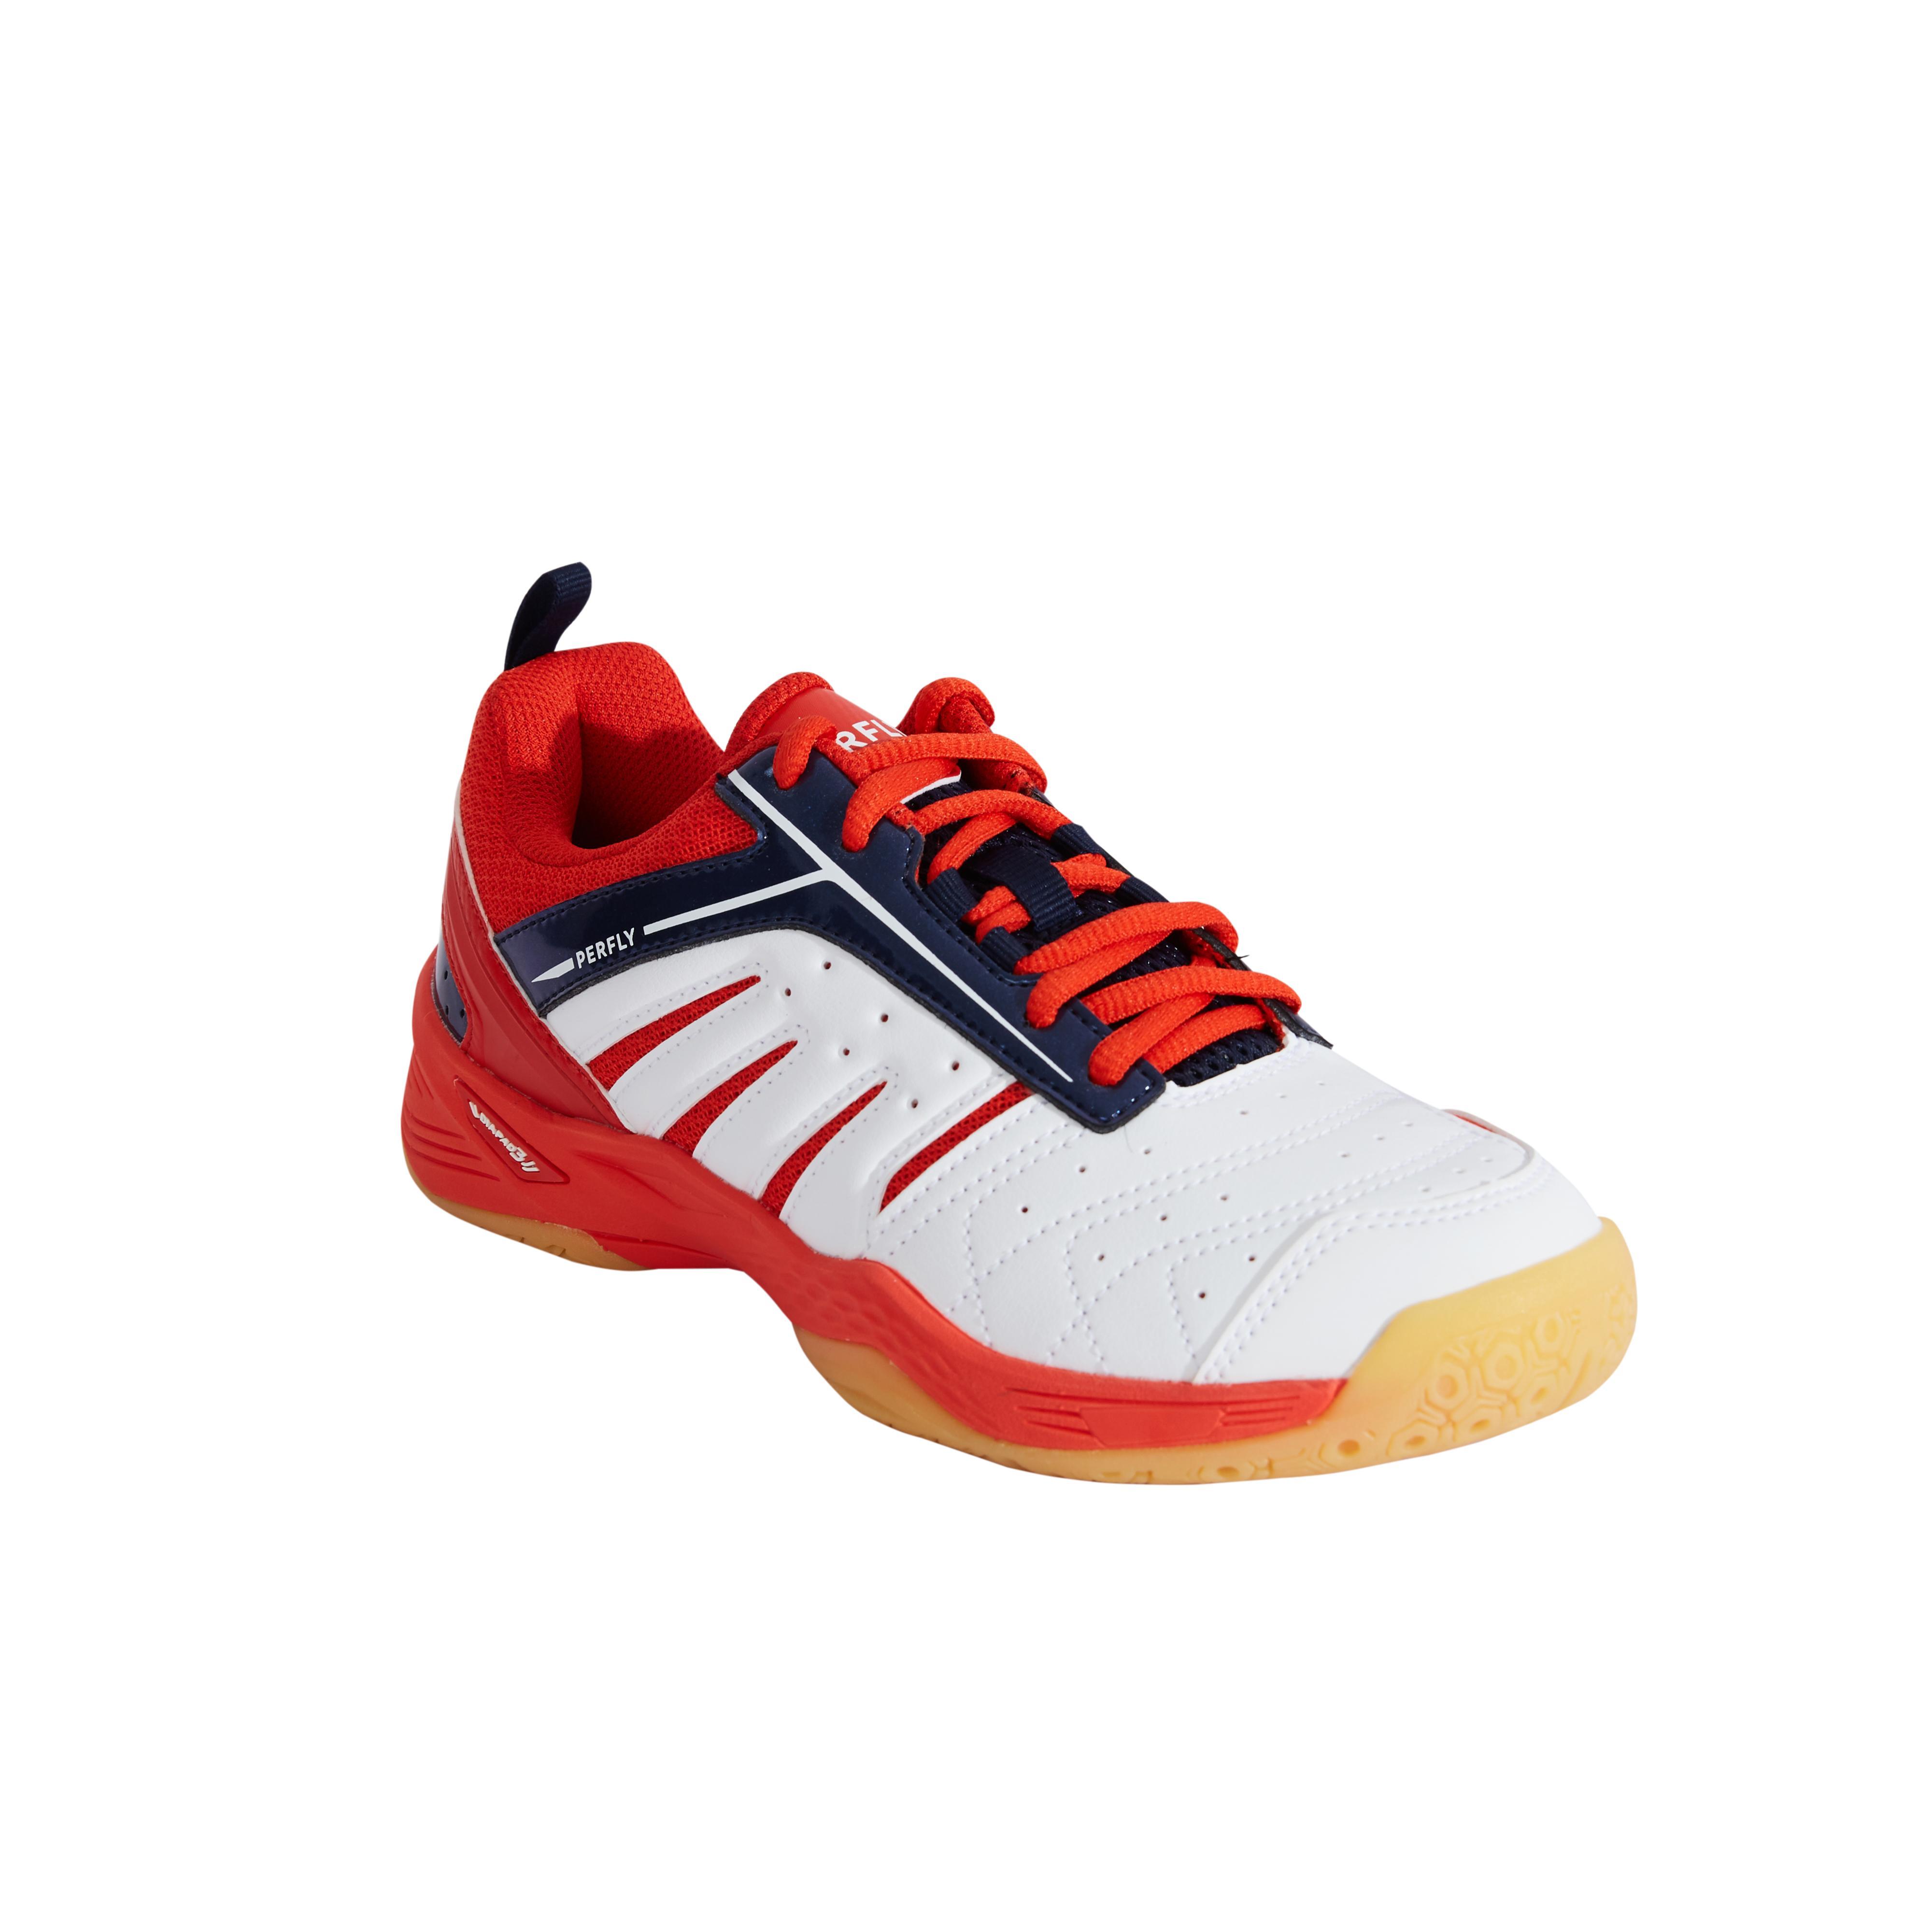 Încălțăminte badminton BS 560 imagine